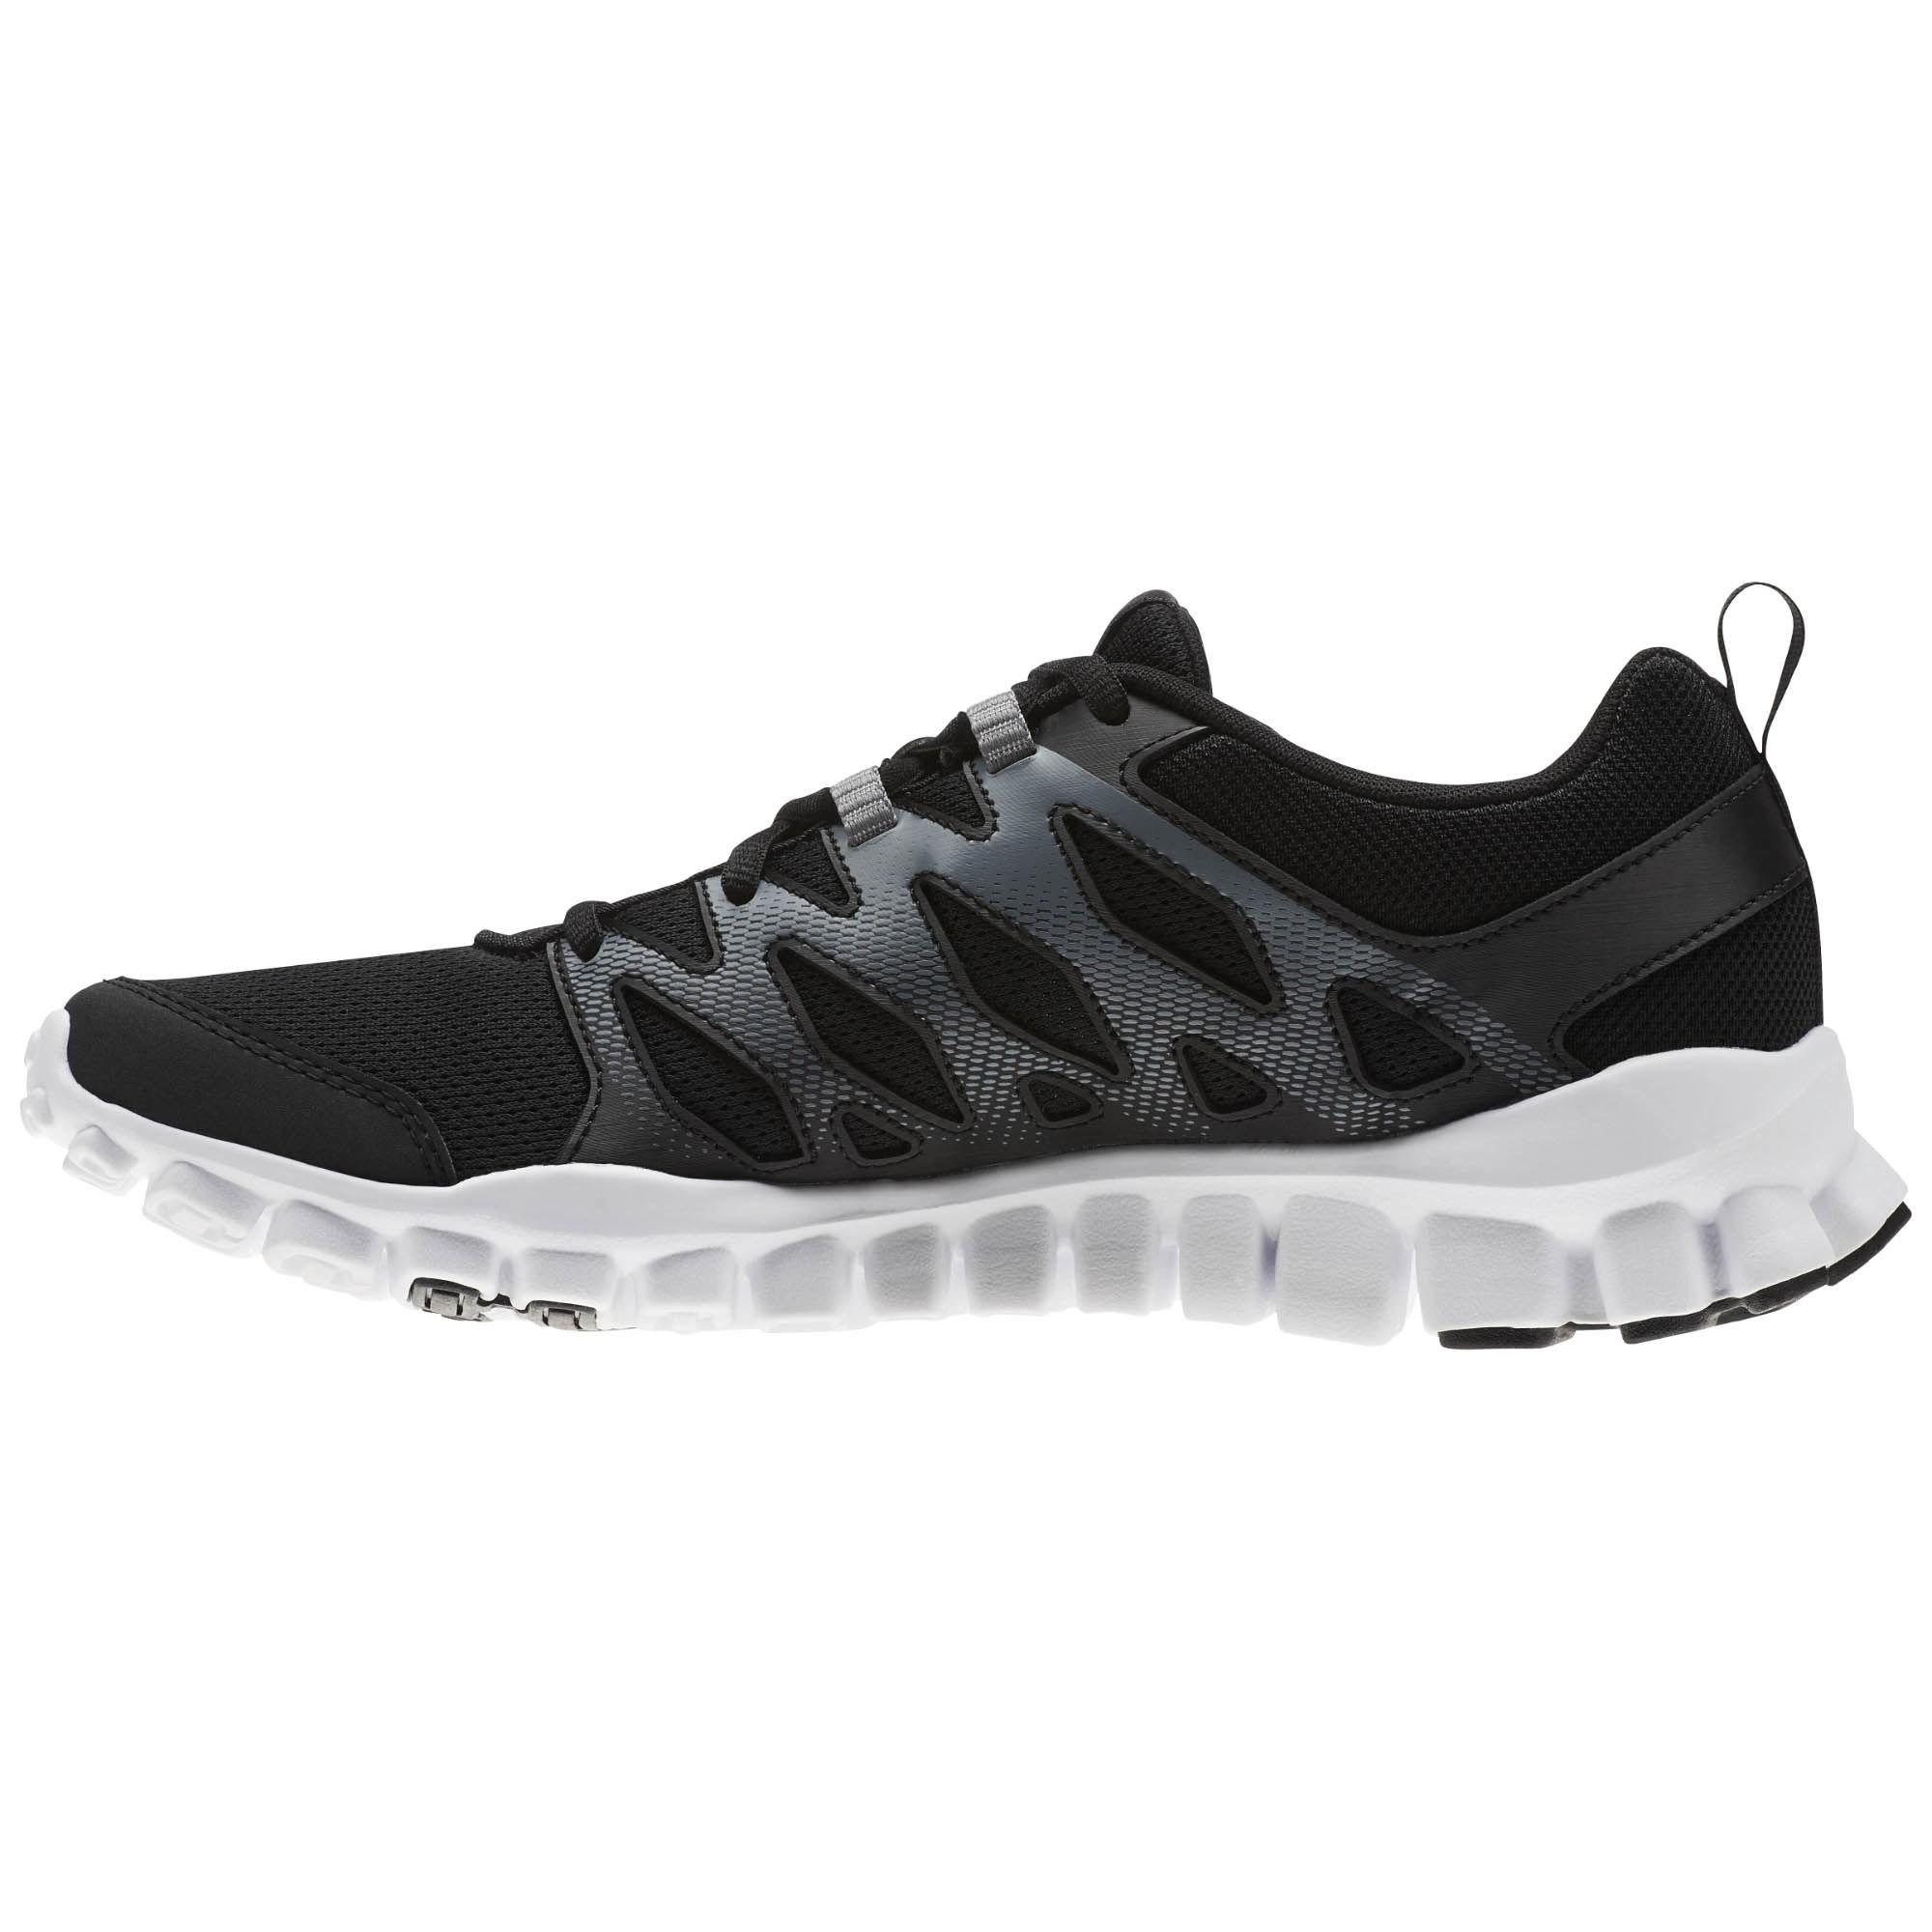 قیمت کفش مخصوص دویدن مردانه ریباک مدل real flex کد cn1168